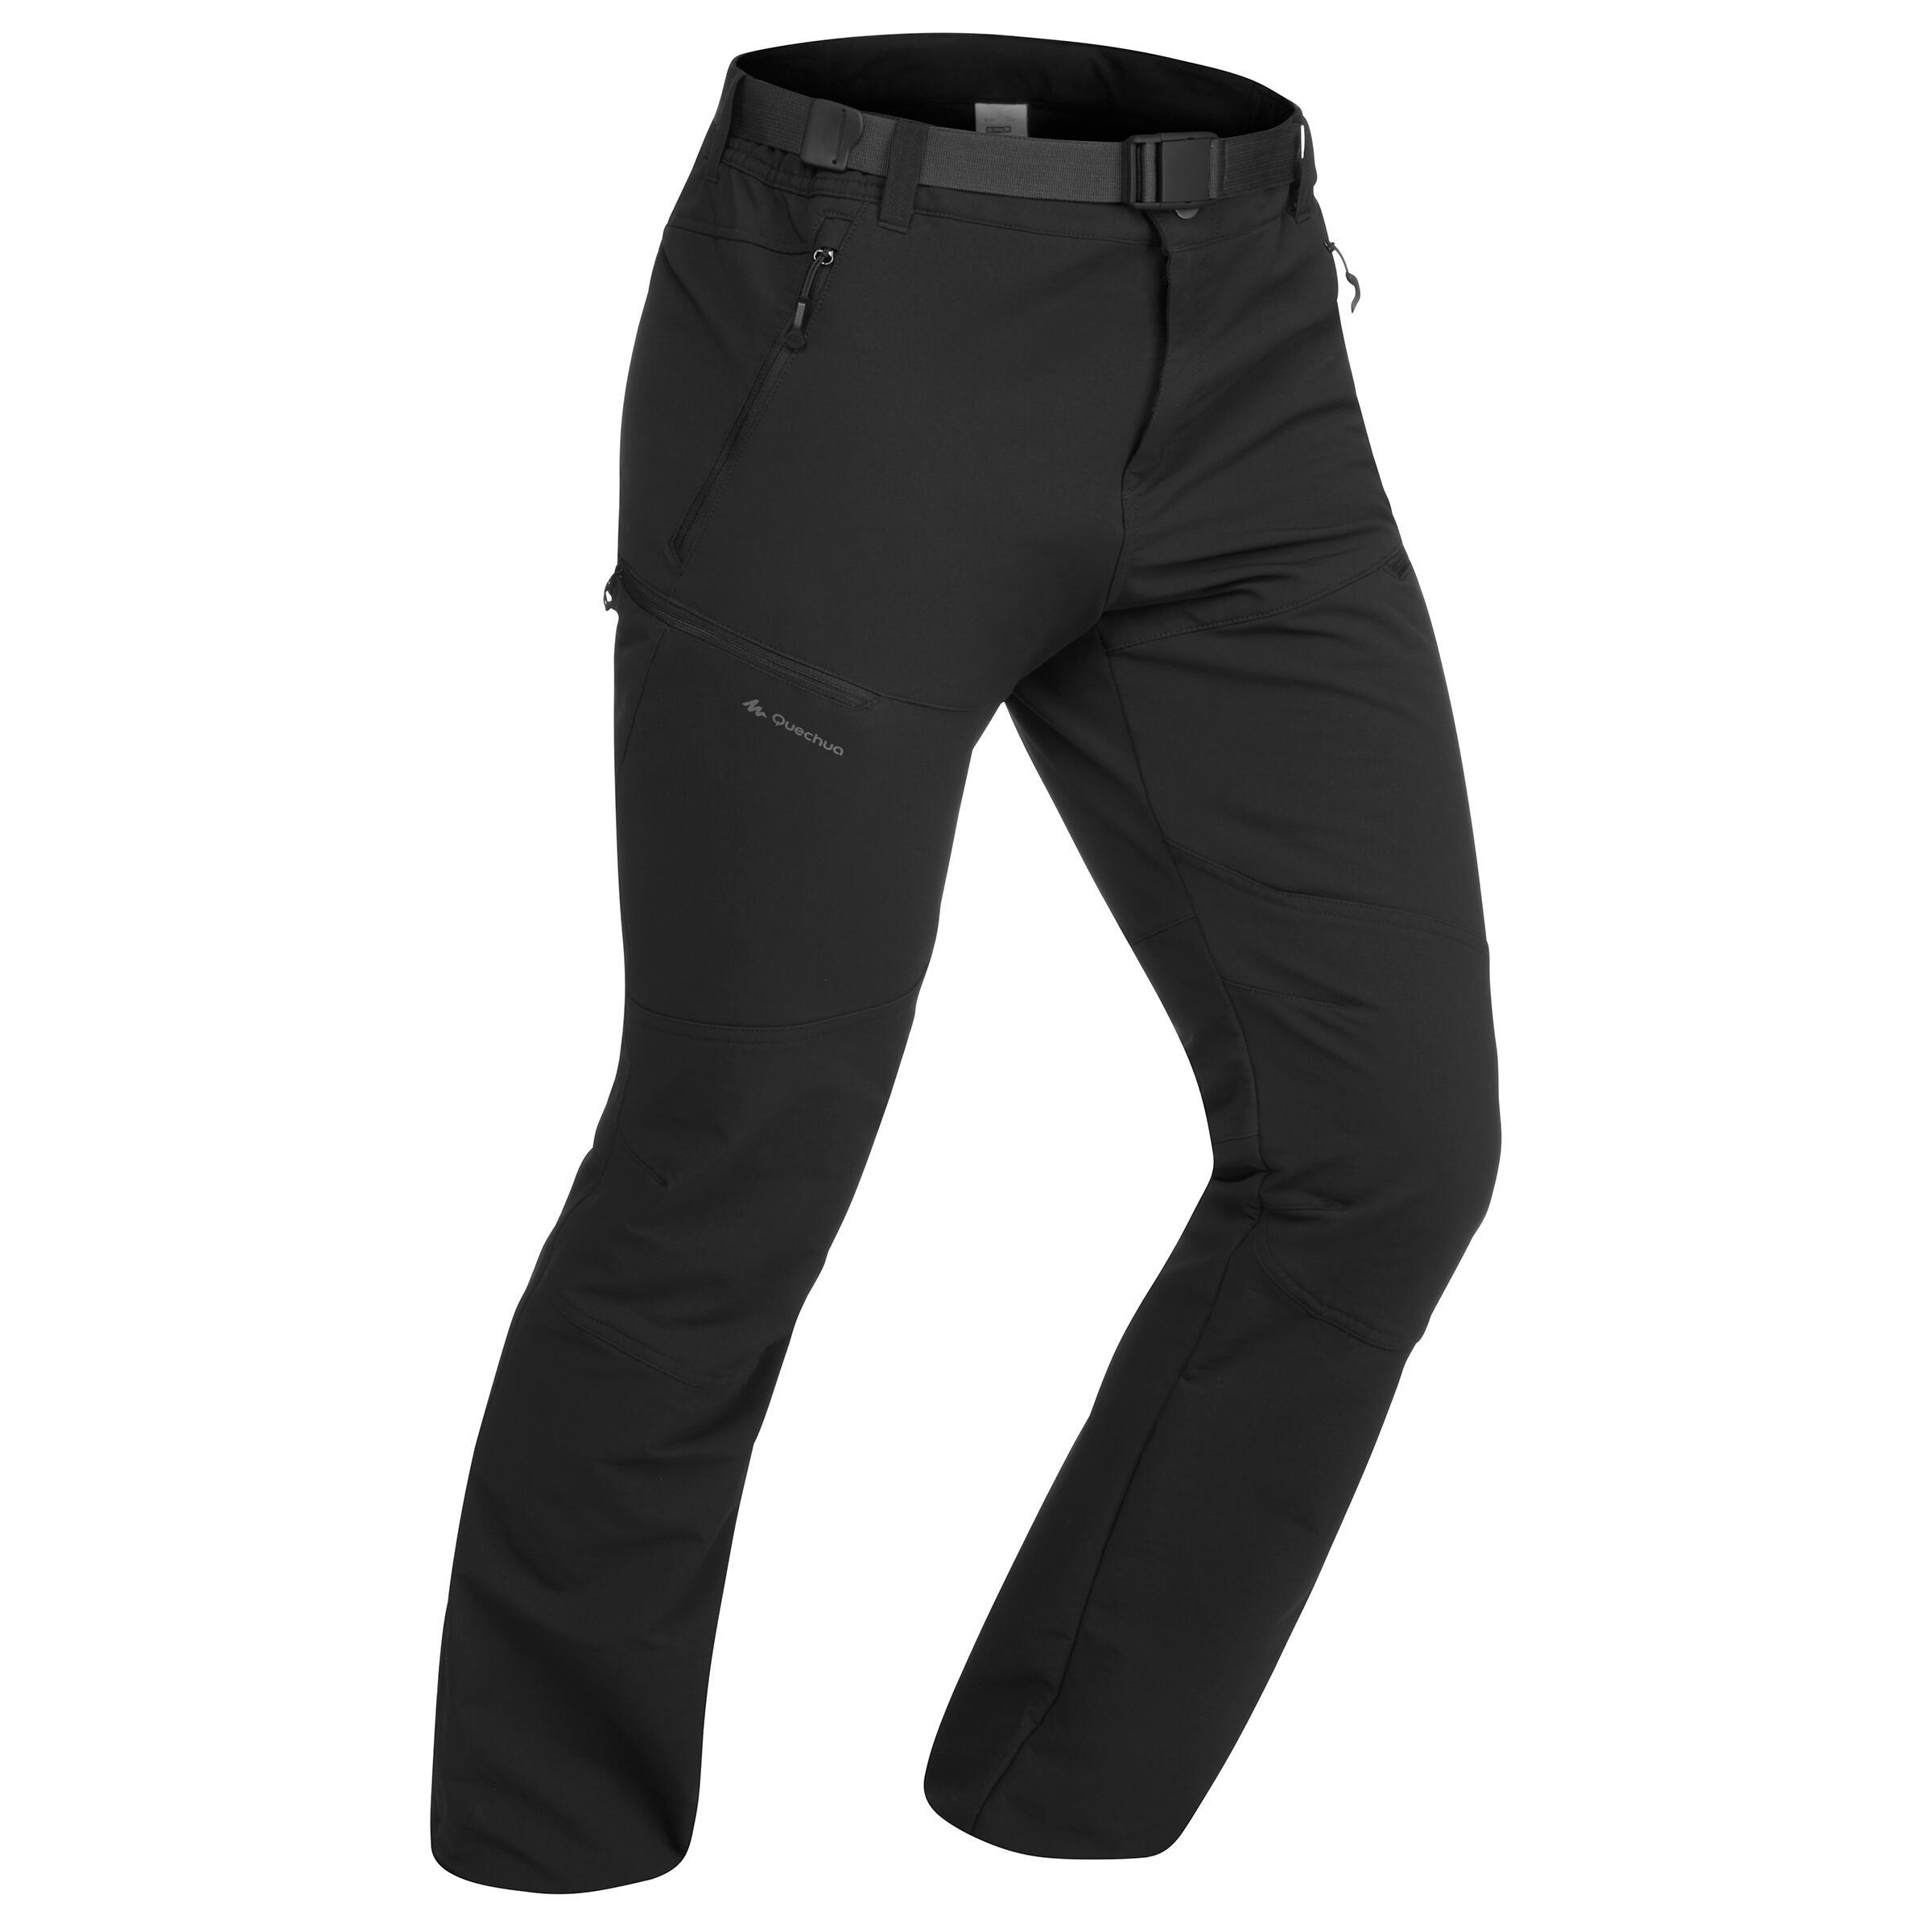 Venta Pantalones Termicos Decathlon En Stock